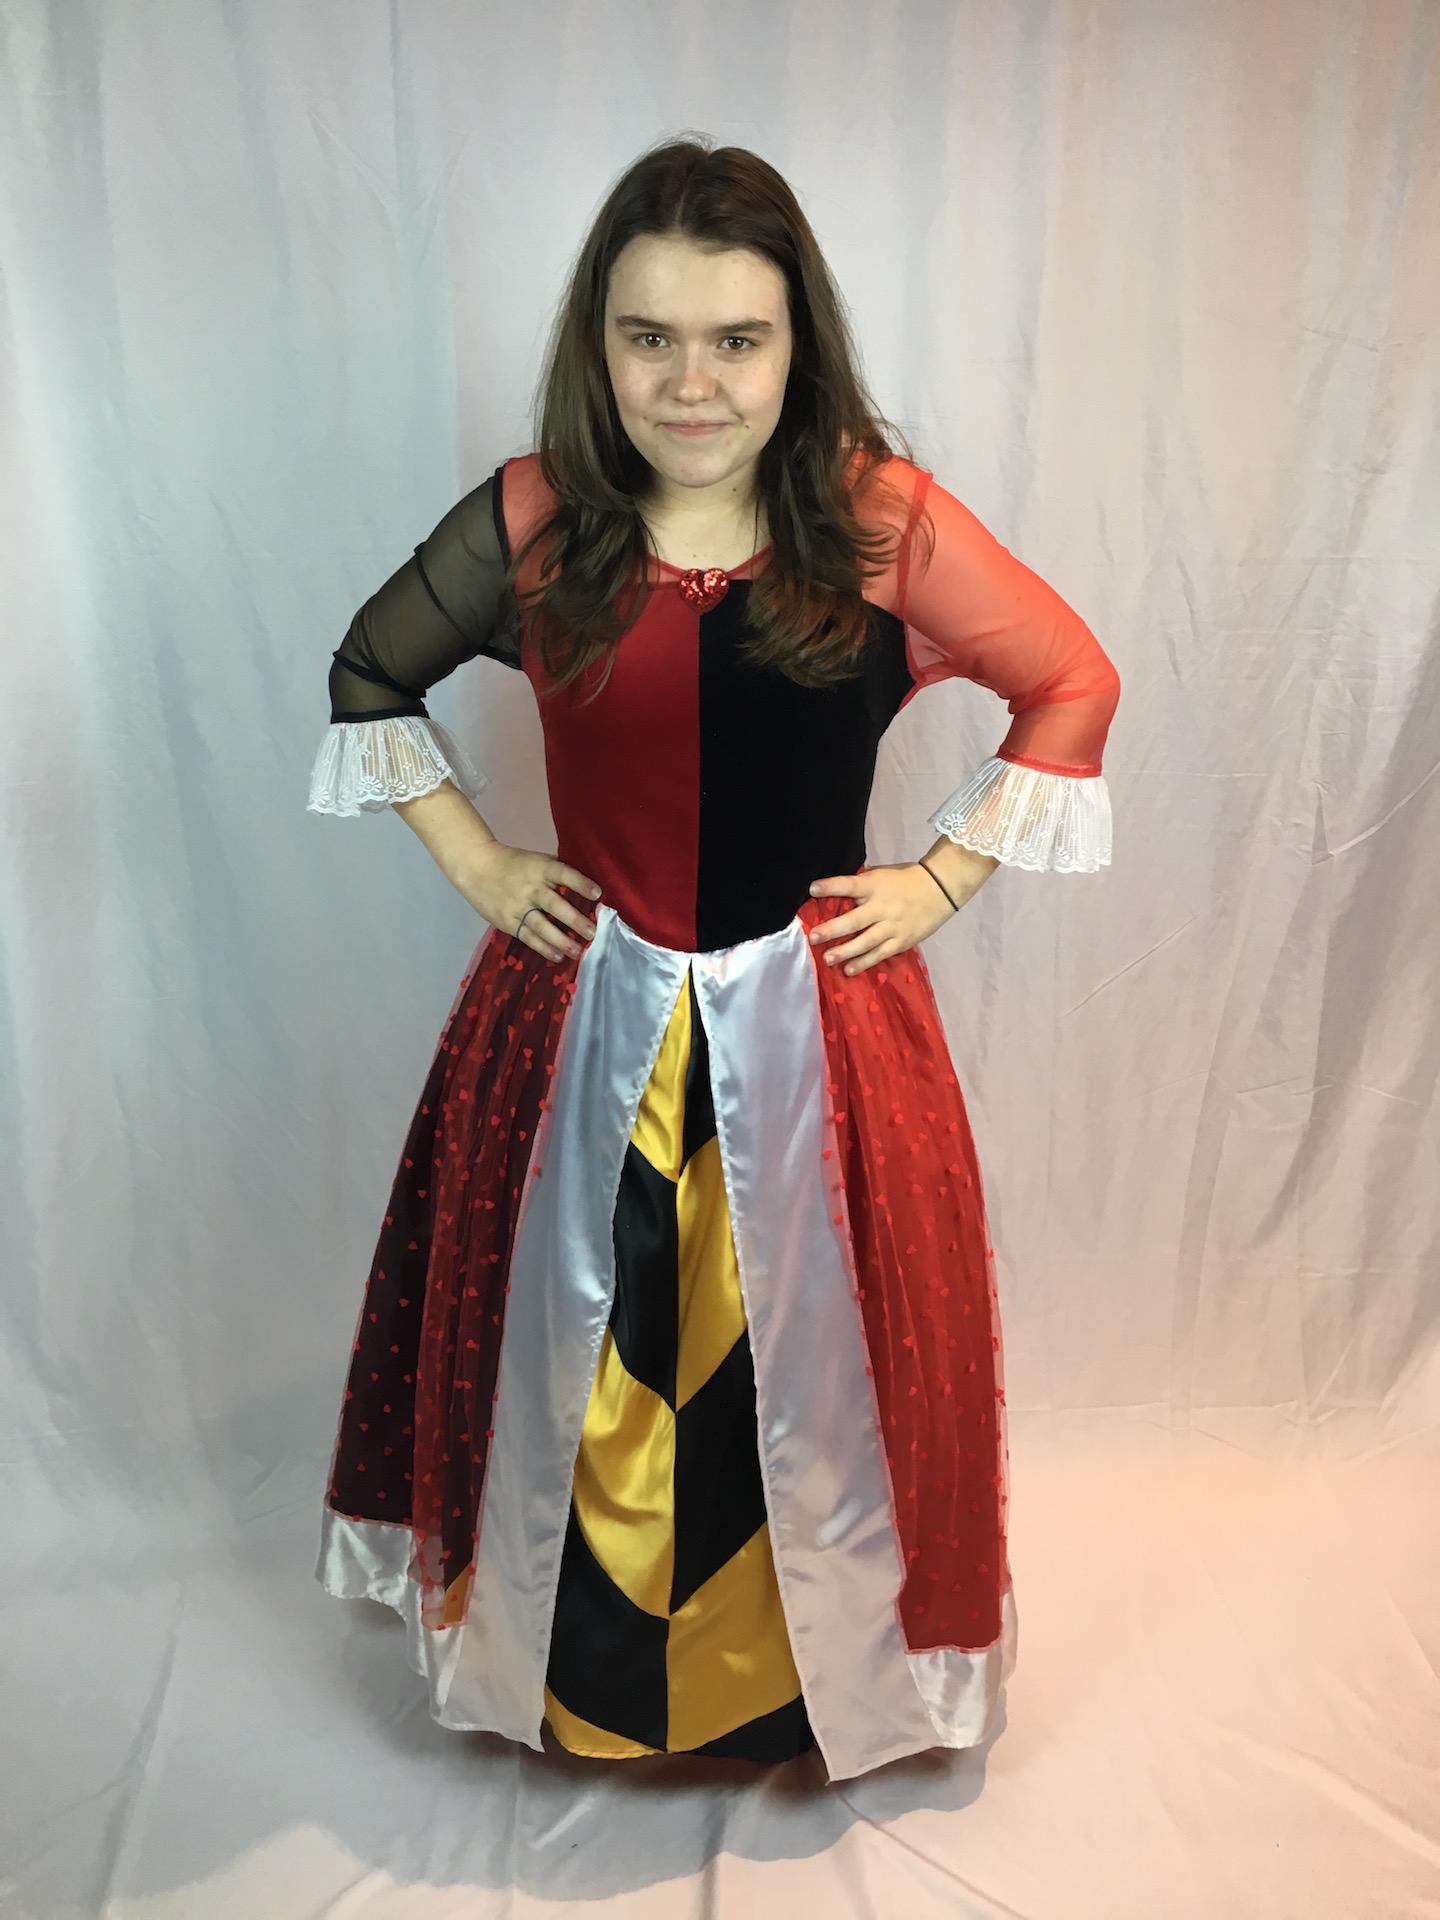 Queen of Hearts Costume 2